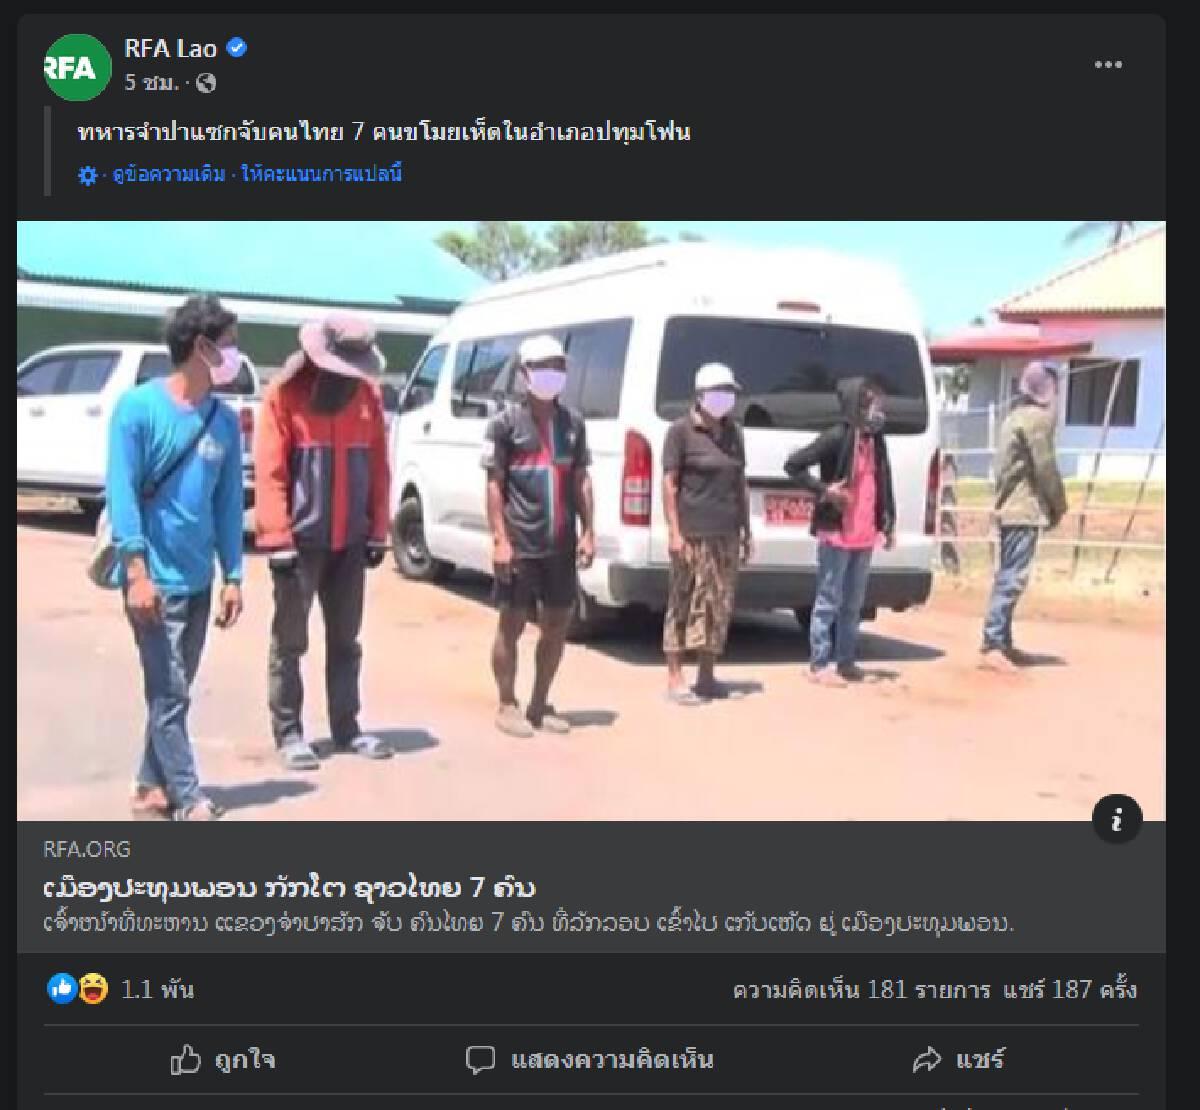 ขุดหนังสือ 7 คนไทยถูกลาวจับ อาจฉีดวัคซีนฟรี